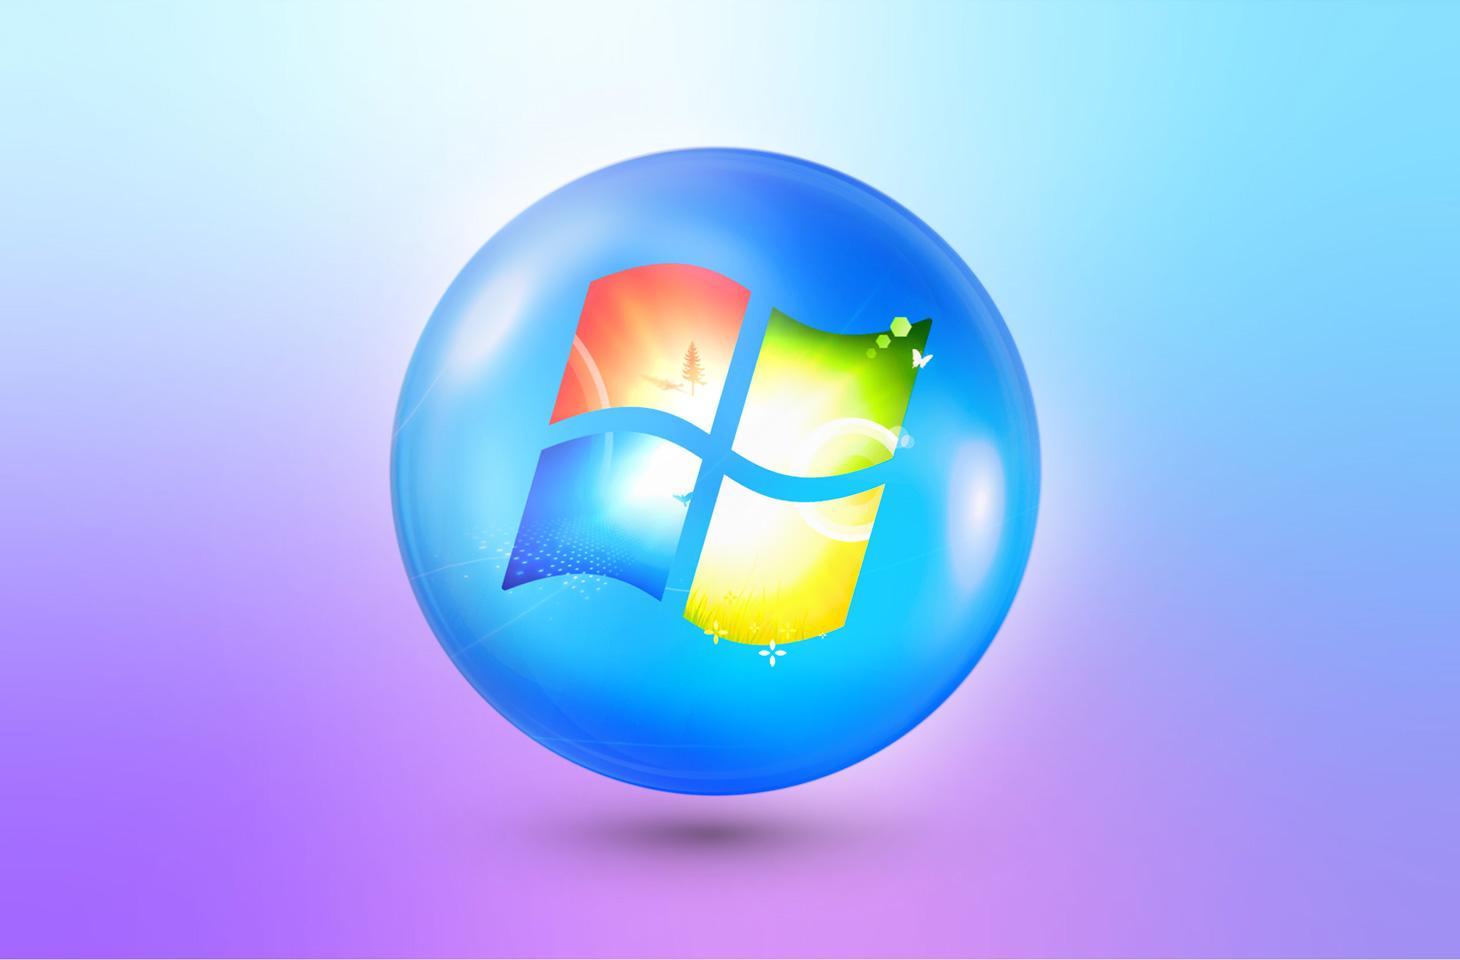 【Windows 7のサポートが終了】今するべきことは